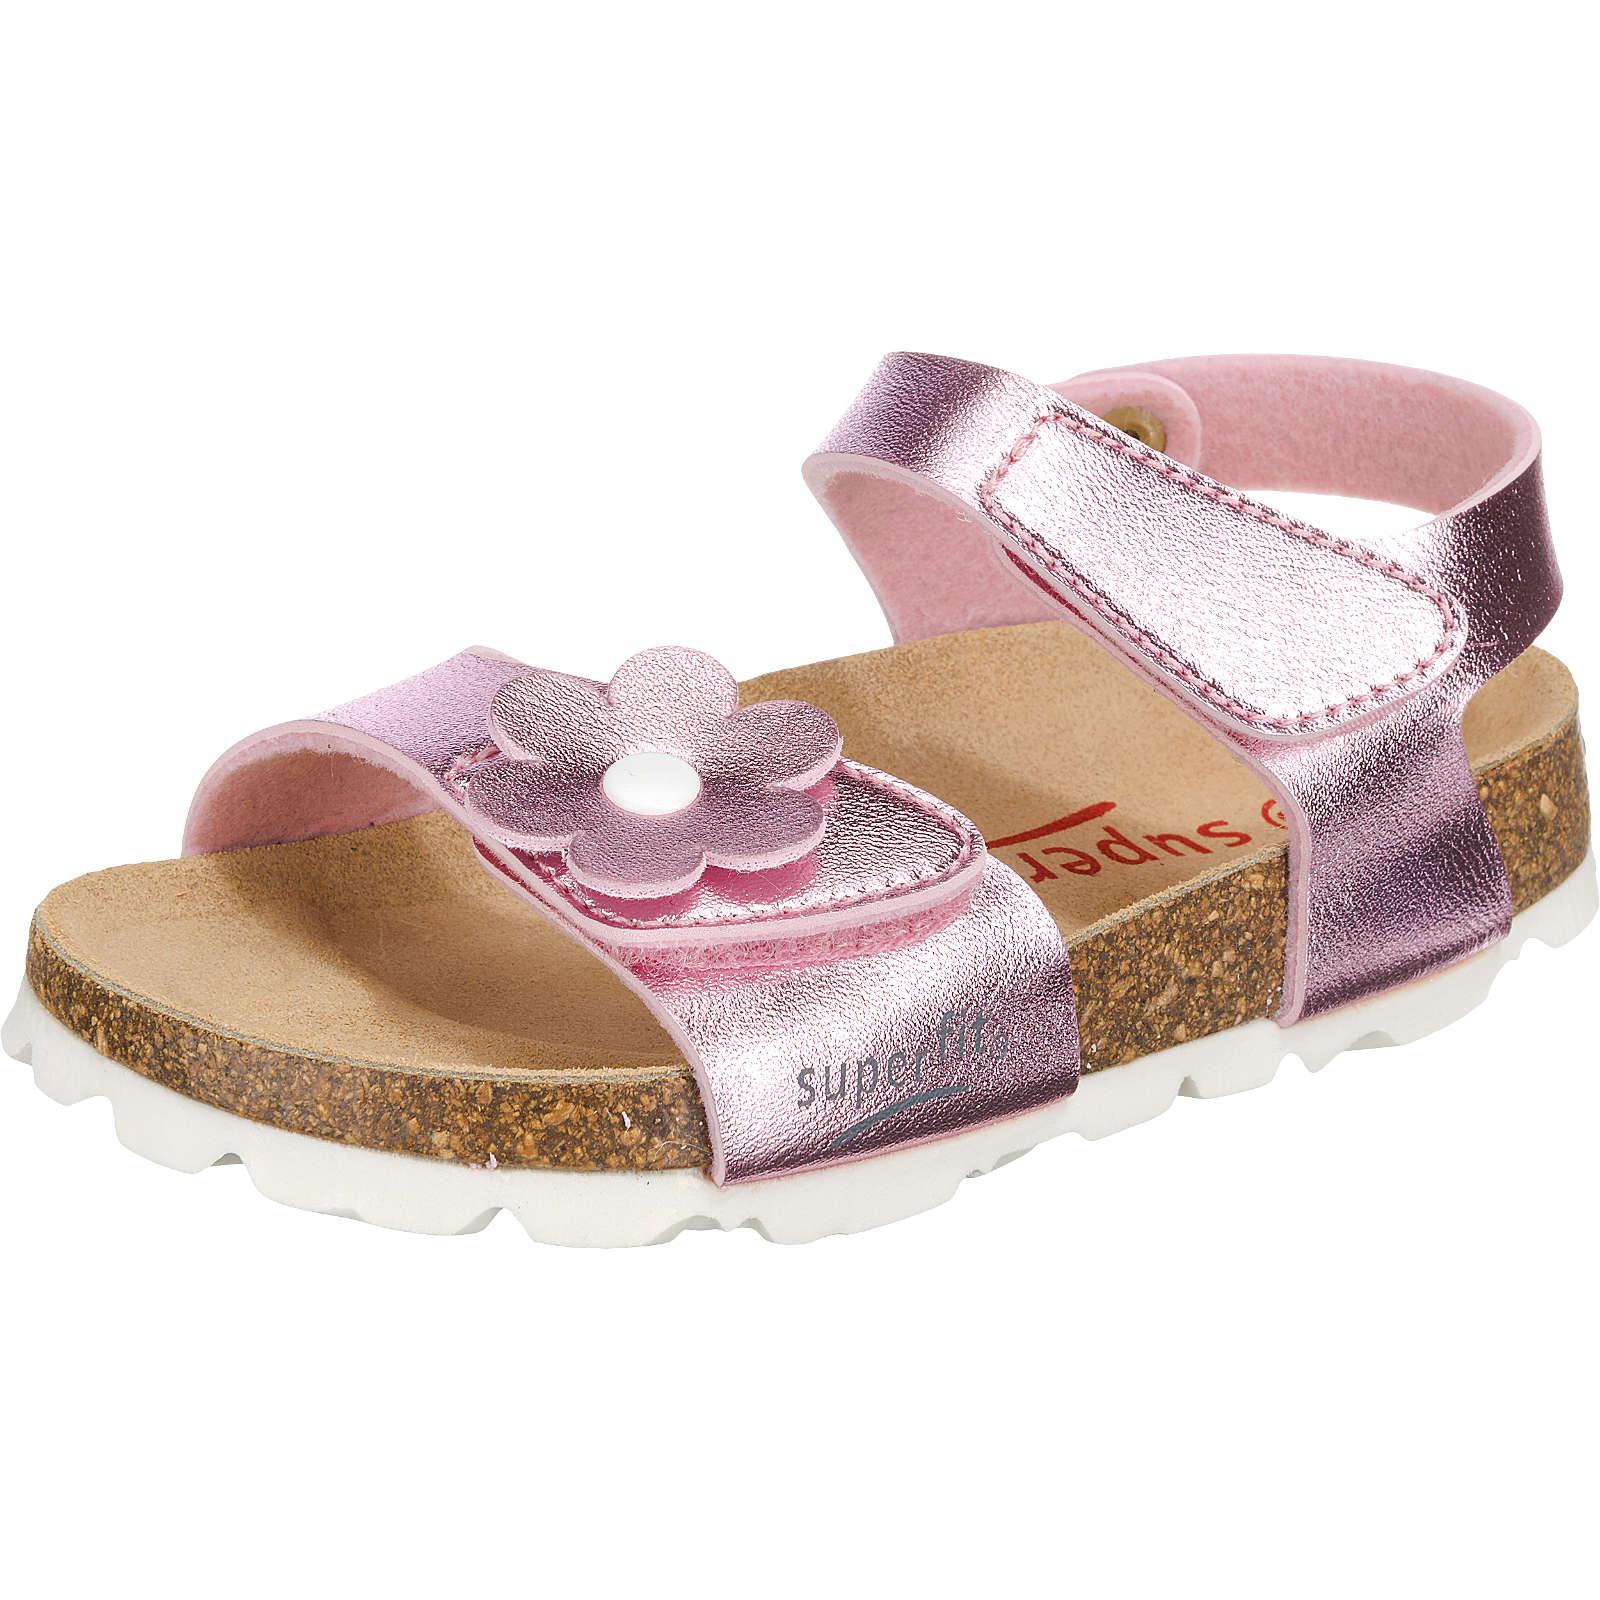 superfit Sandalen für Mädchen, Weite M4 rosa Mädchen Gr. 33